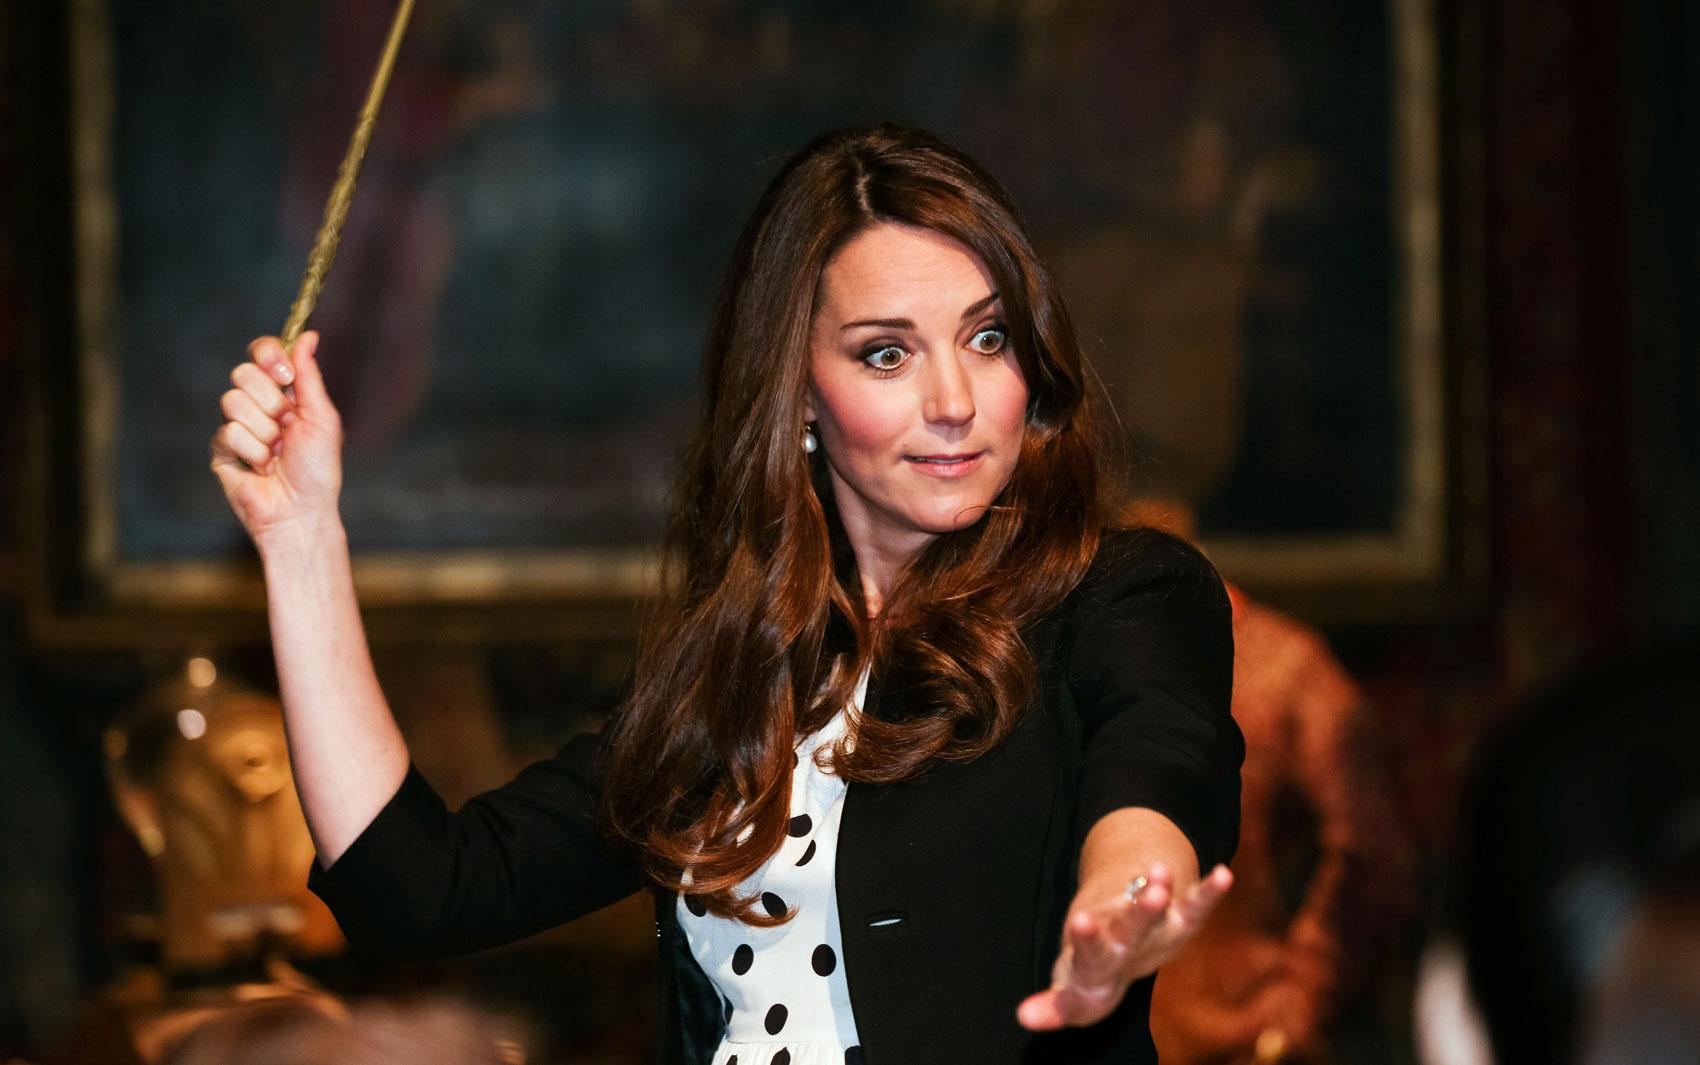 Kate, a duquesa de Cambridge, brinca fazendo pose com uma varinha de bruxo durante visita à parte dedicada aos filmes de Harry Potter, na inauguração dos estúdios da Warner Bros. em Leavesden, Inglaterra.